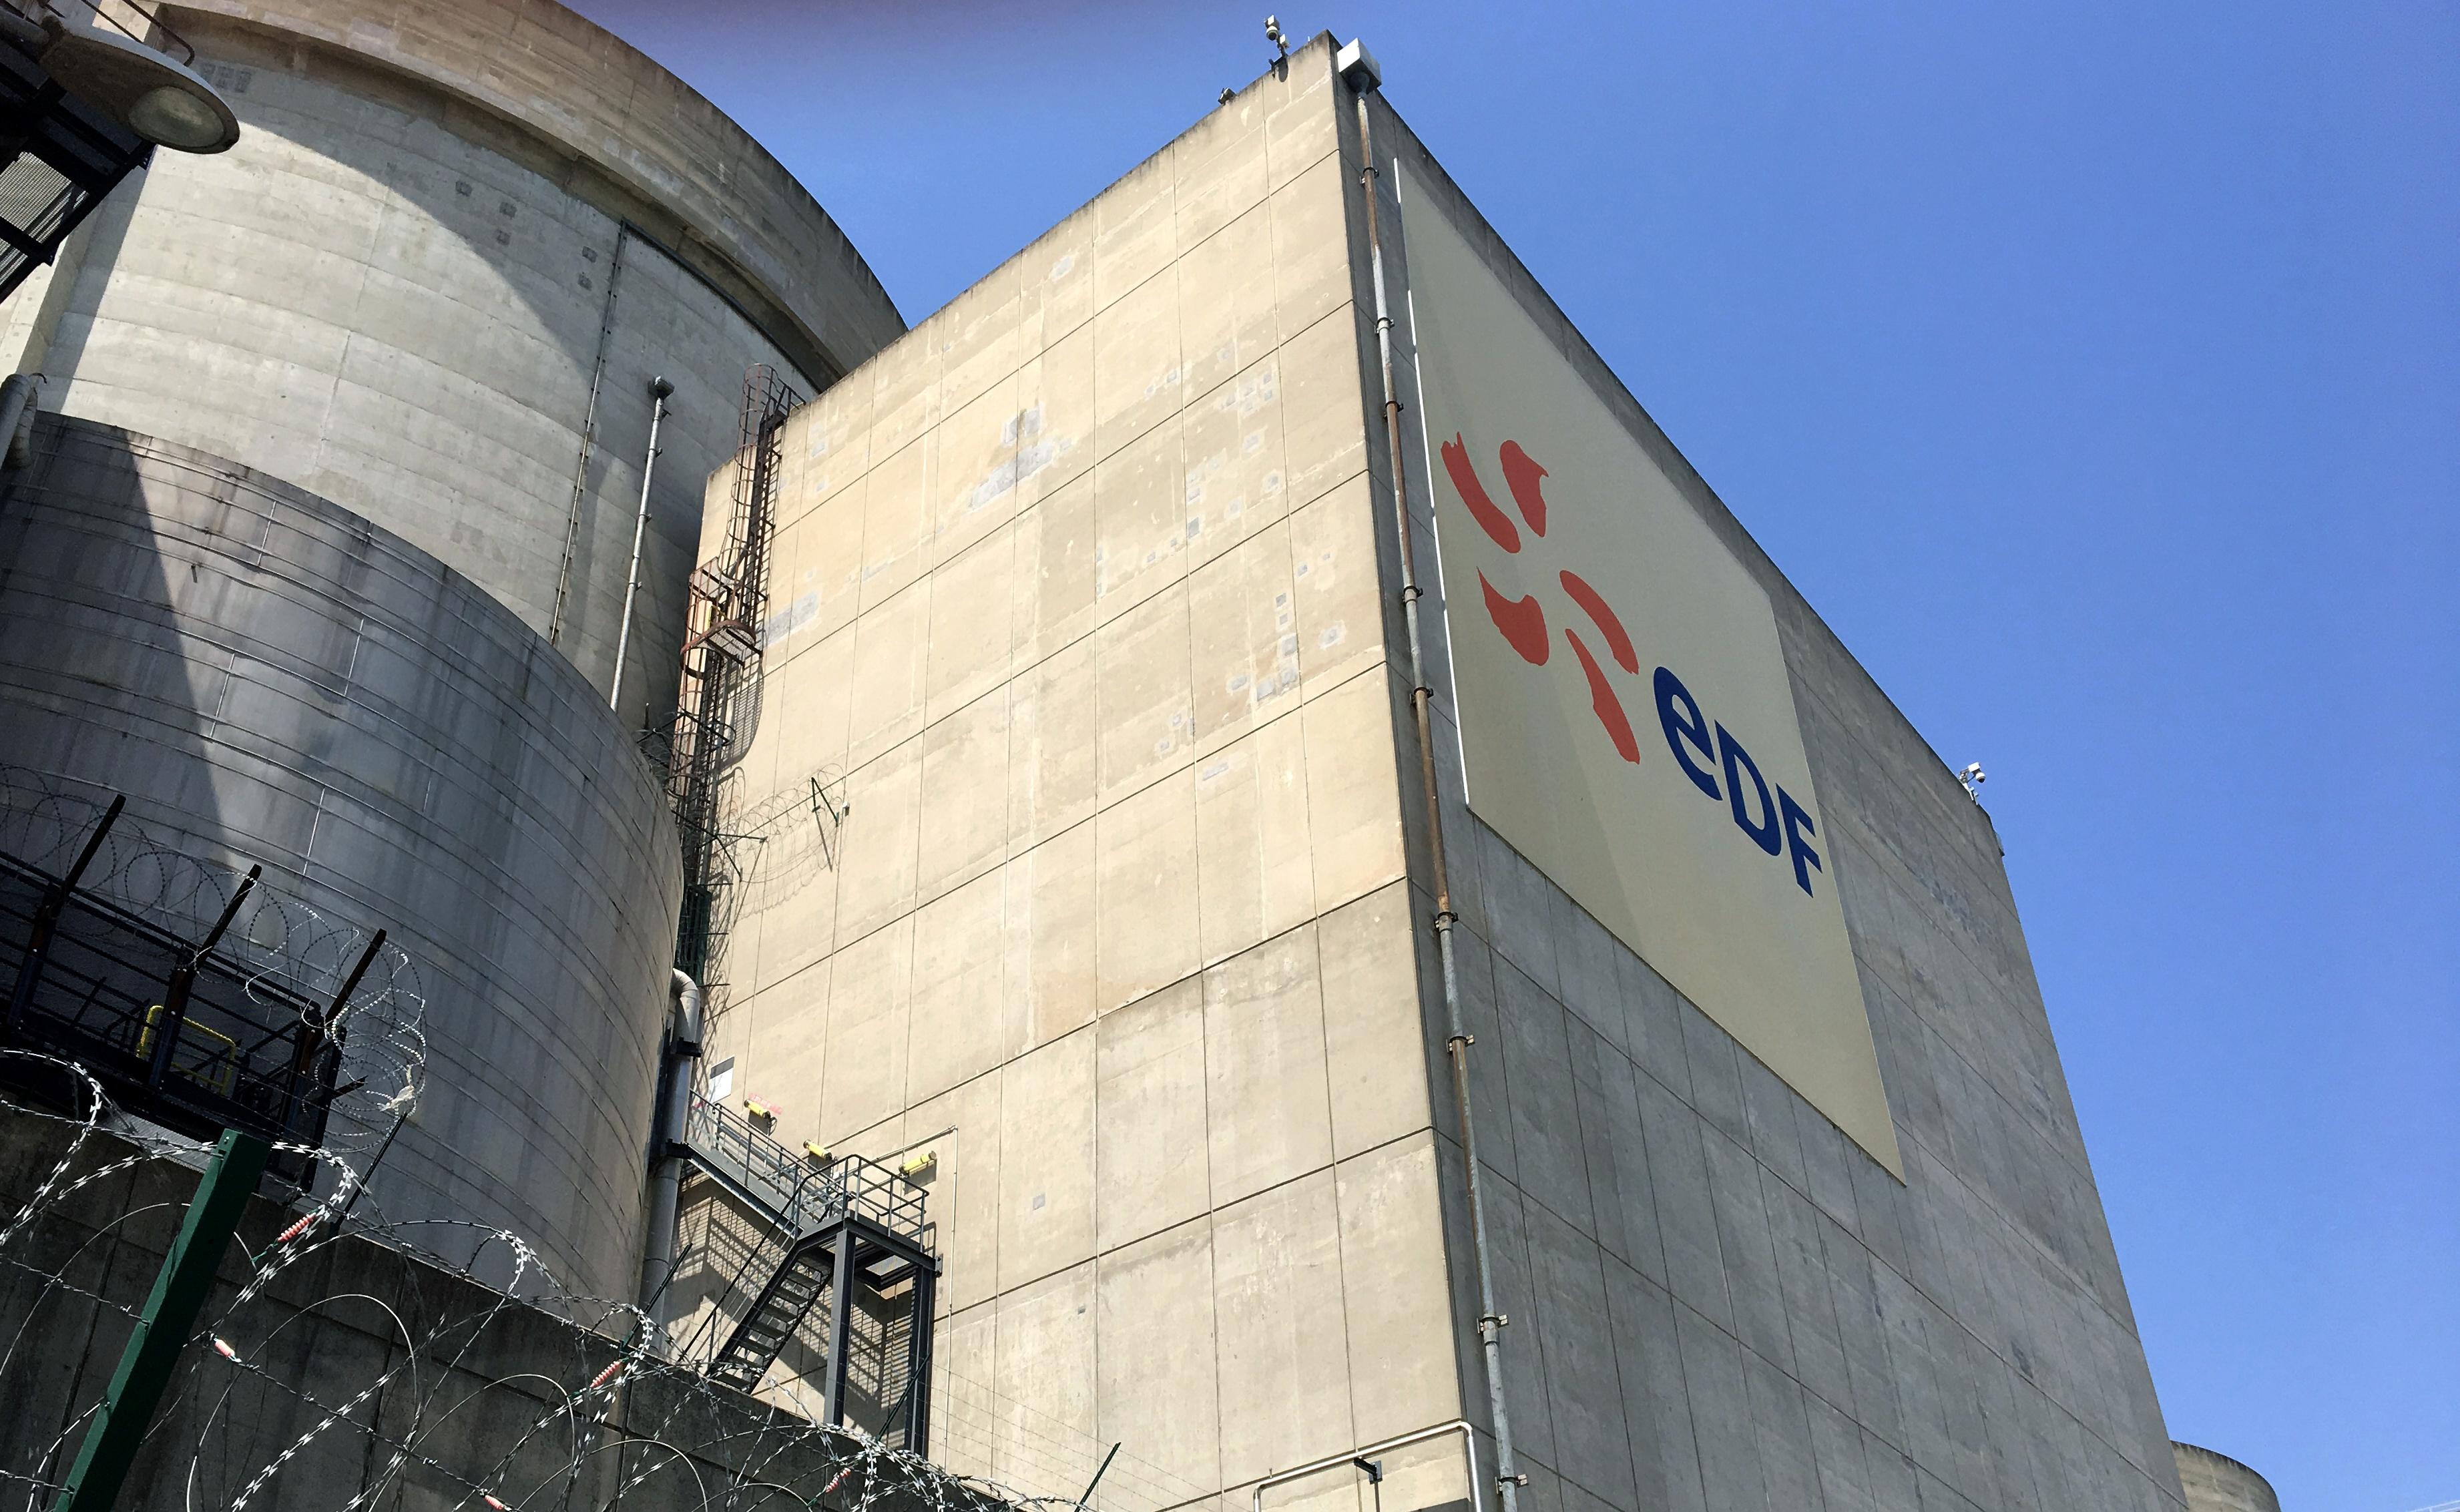 La construction de six nouveaux réacteurs nucléaires de type EPR en France couterait au moins 46 milliards d'euros, d'après les calculs d'EDF. /Photo prise le 27 juin 2019/REUTERS/Benjamin Mallet